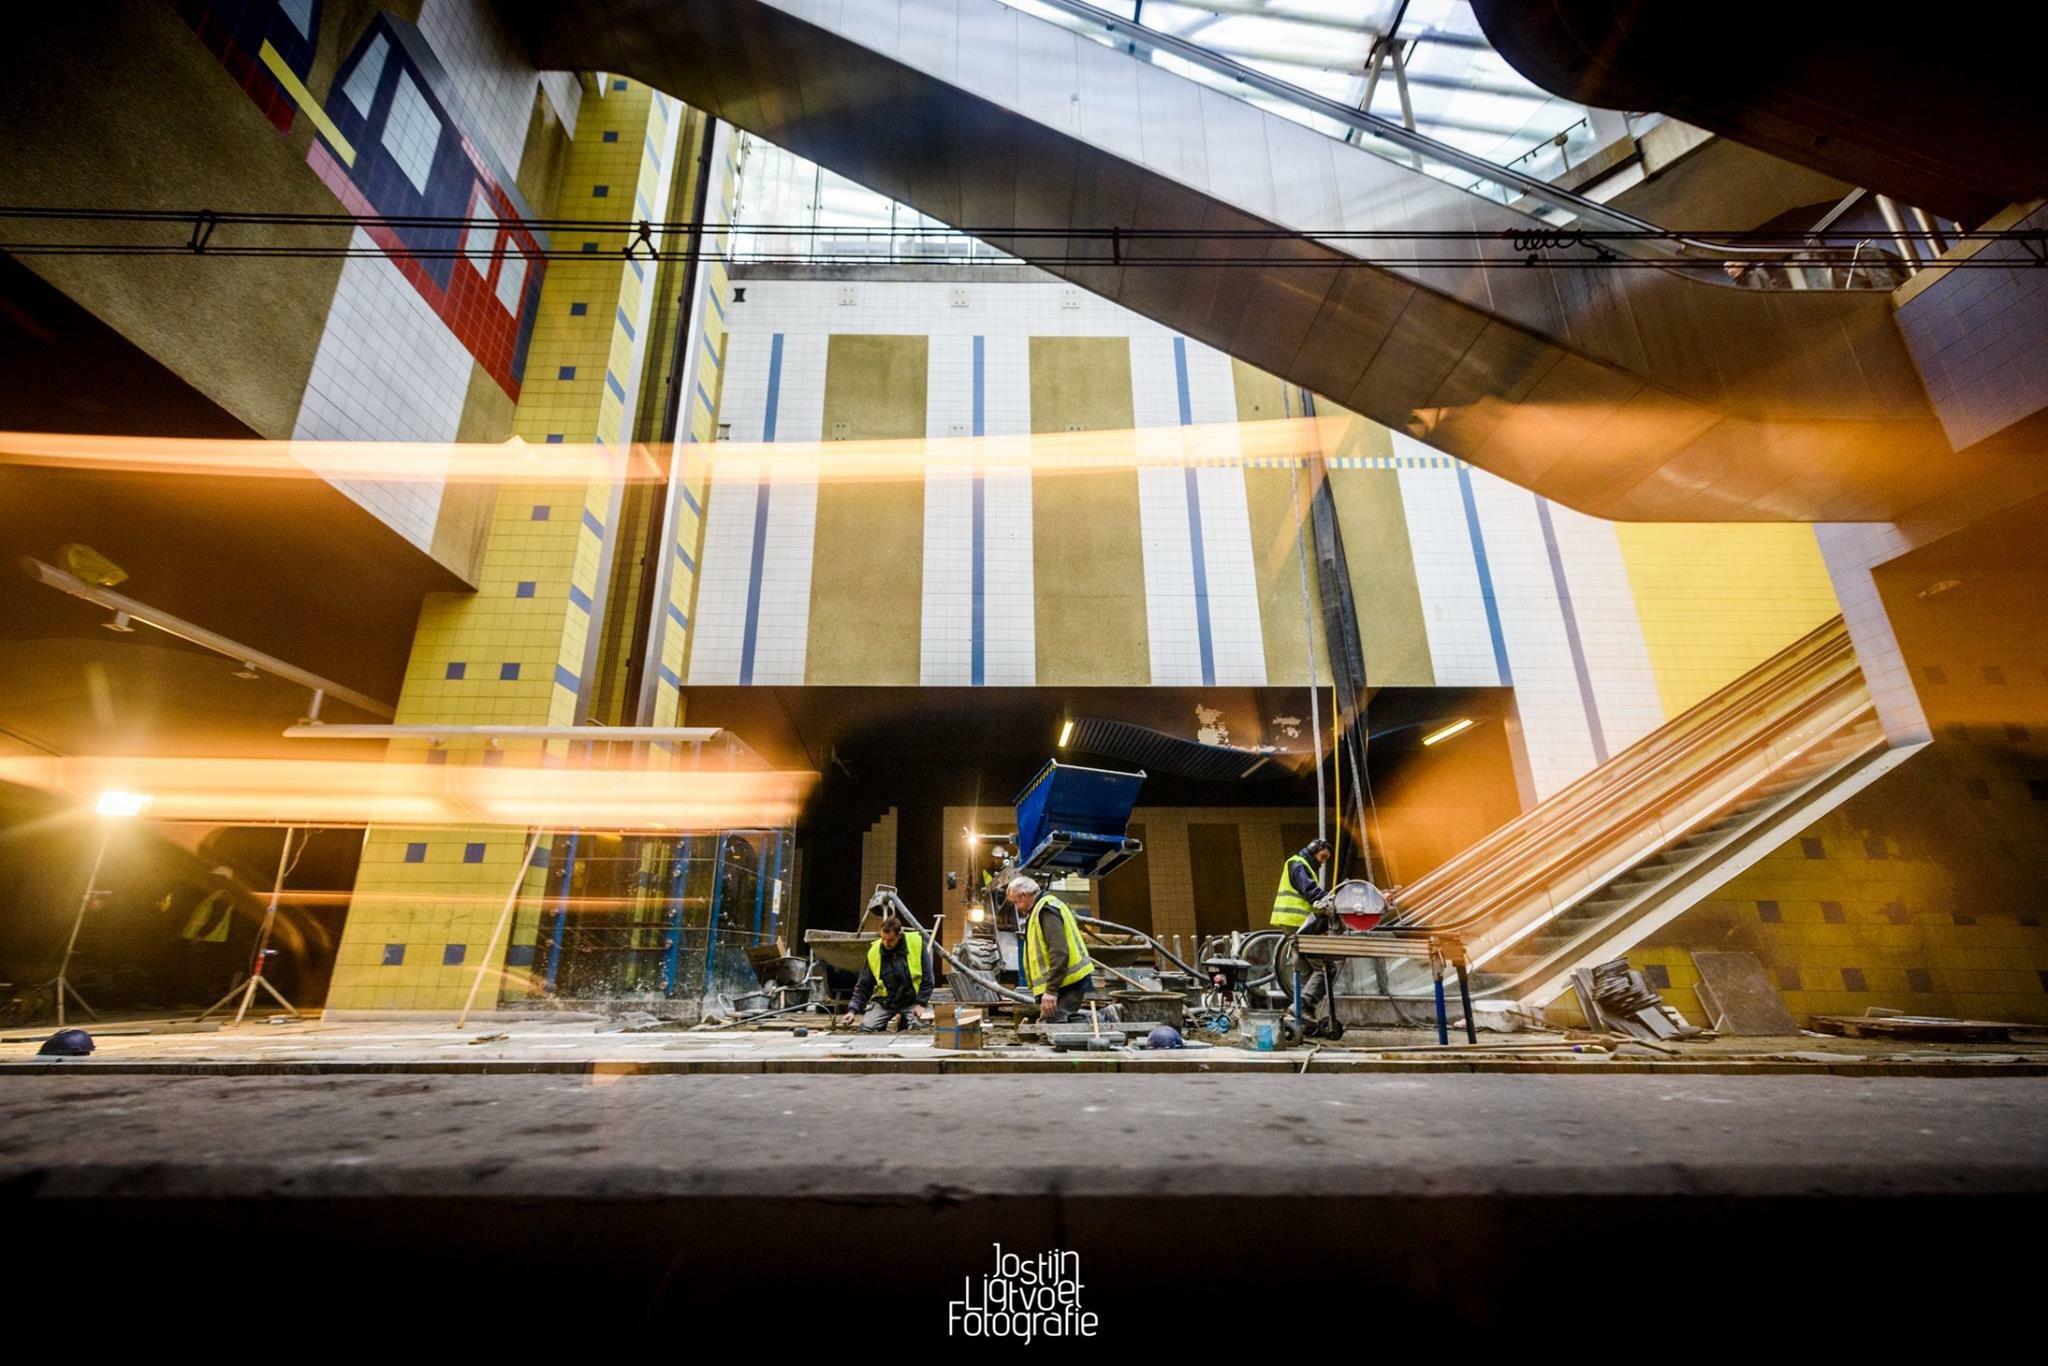 Blaak by Jostijn Ligtvoet Fotografie